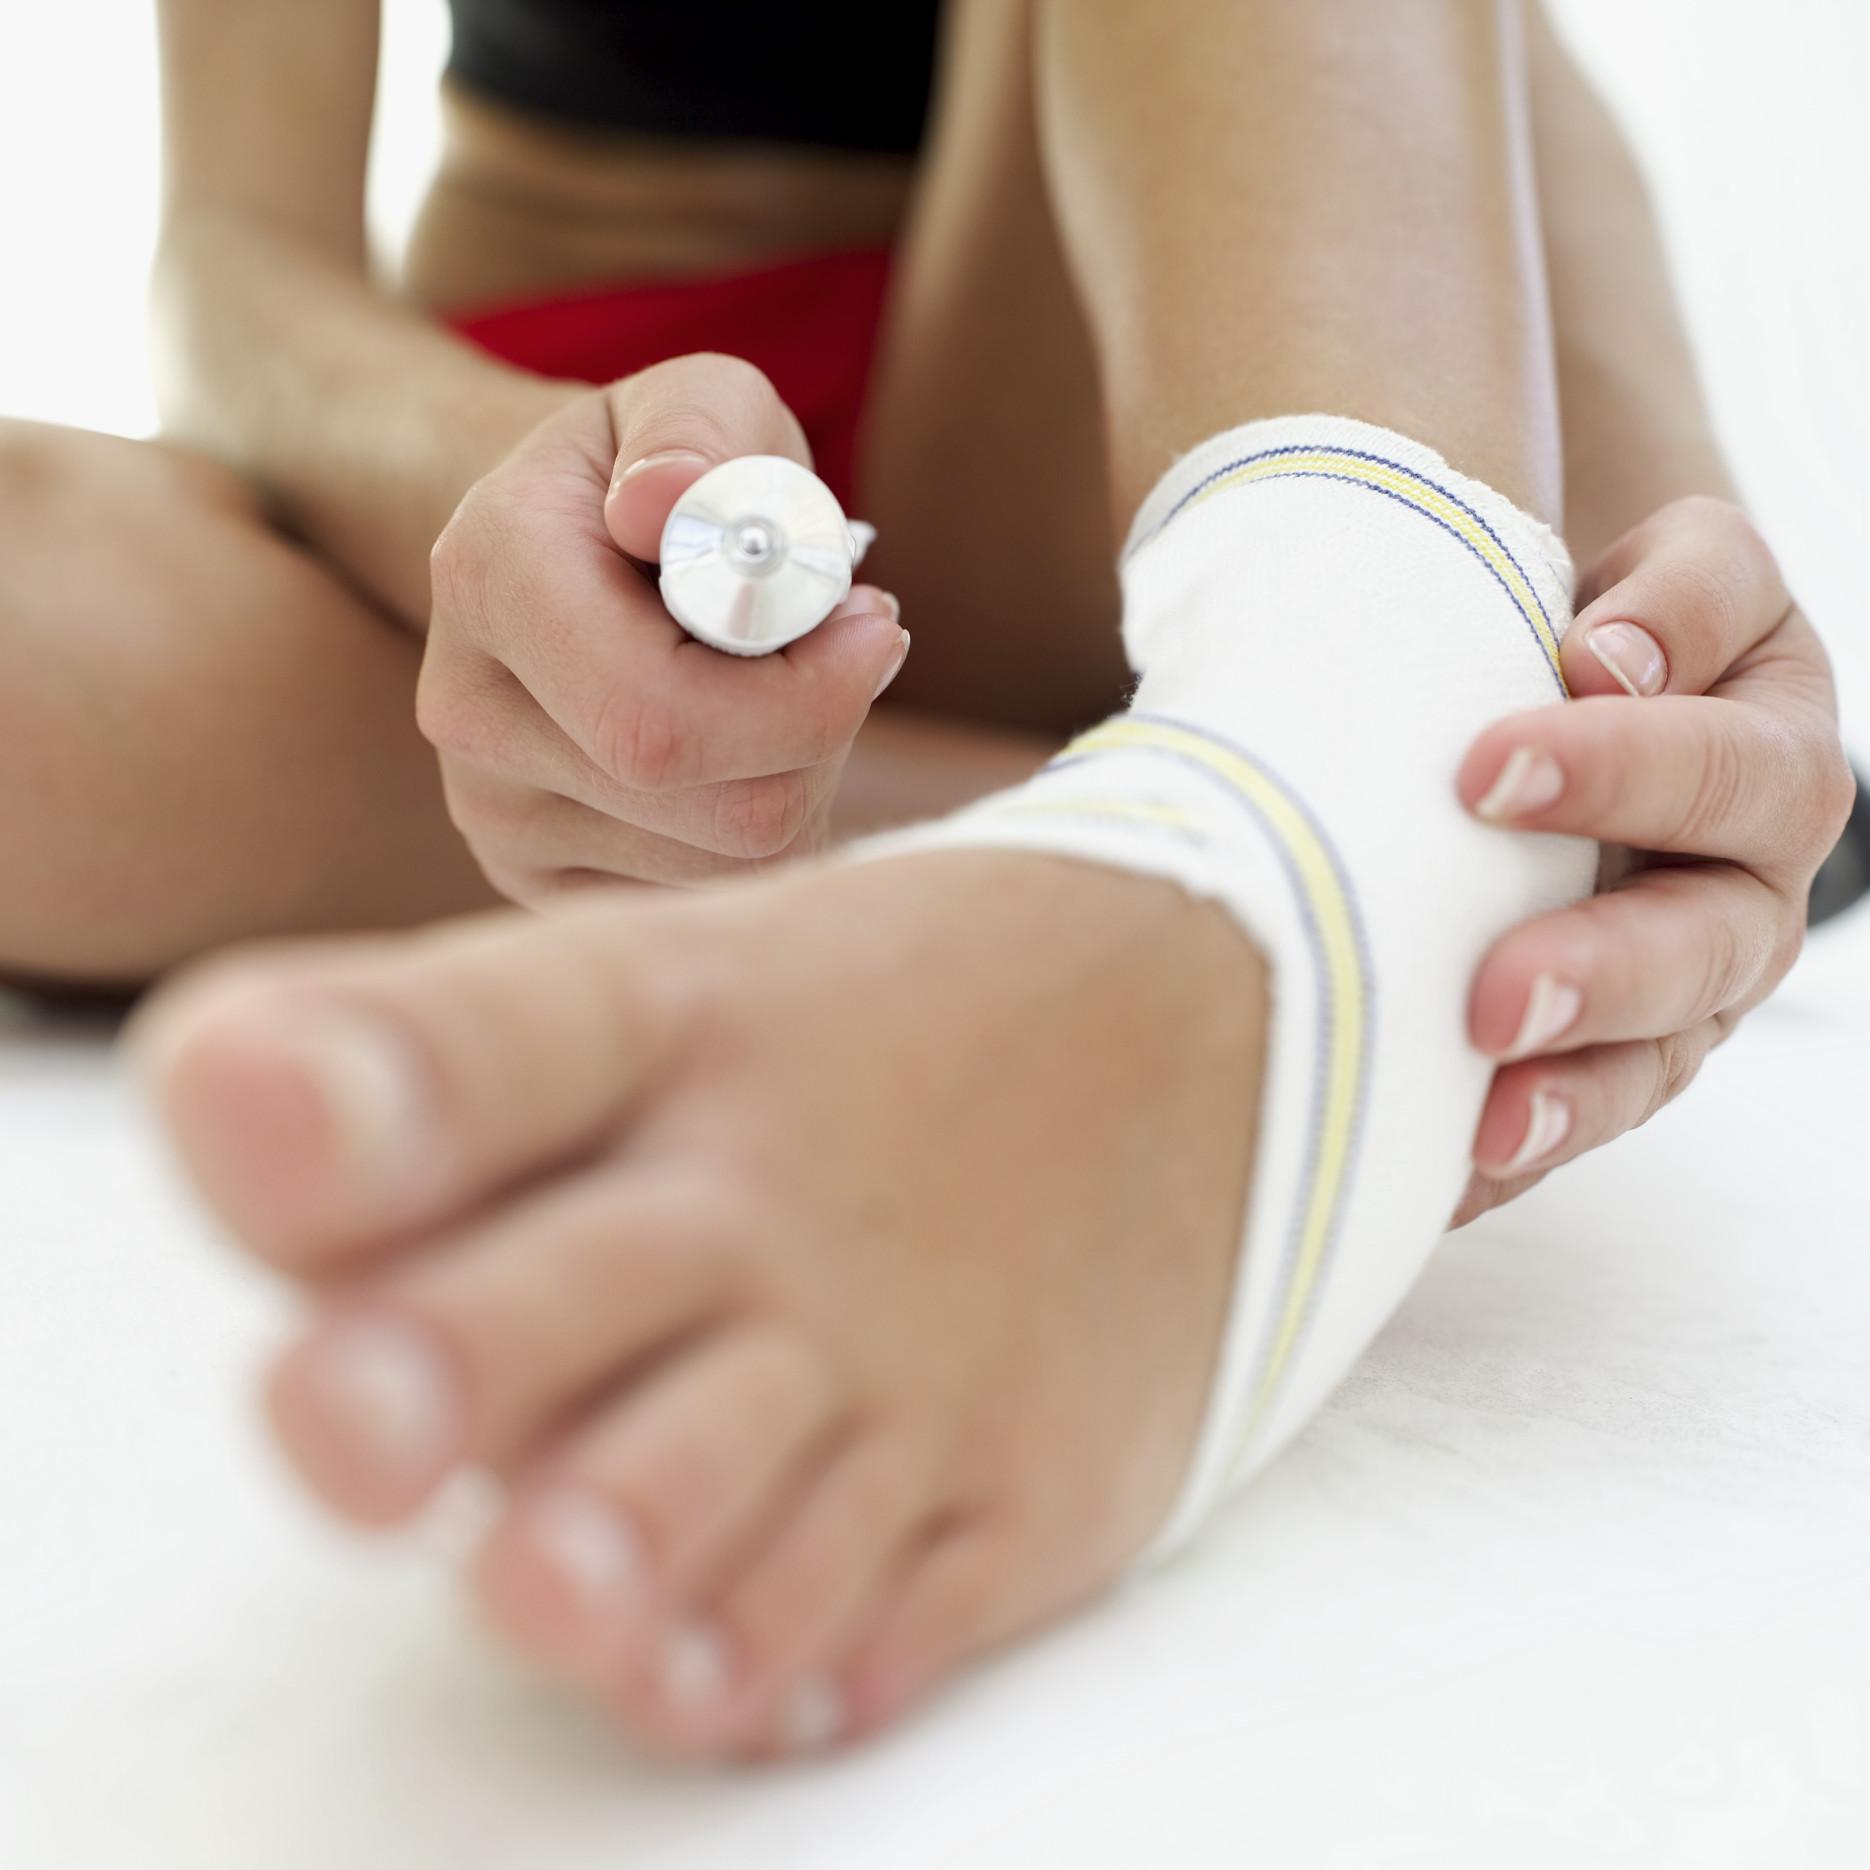 Сильный ушиб пальца на ноге: что 4